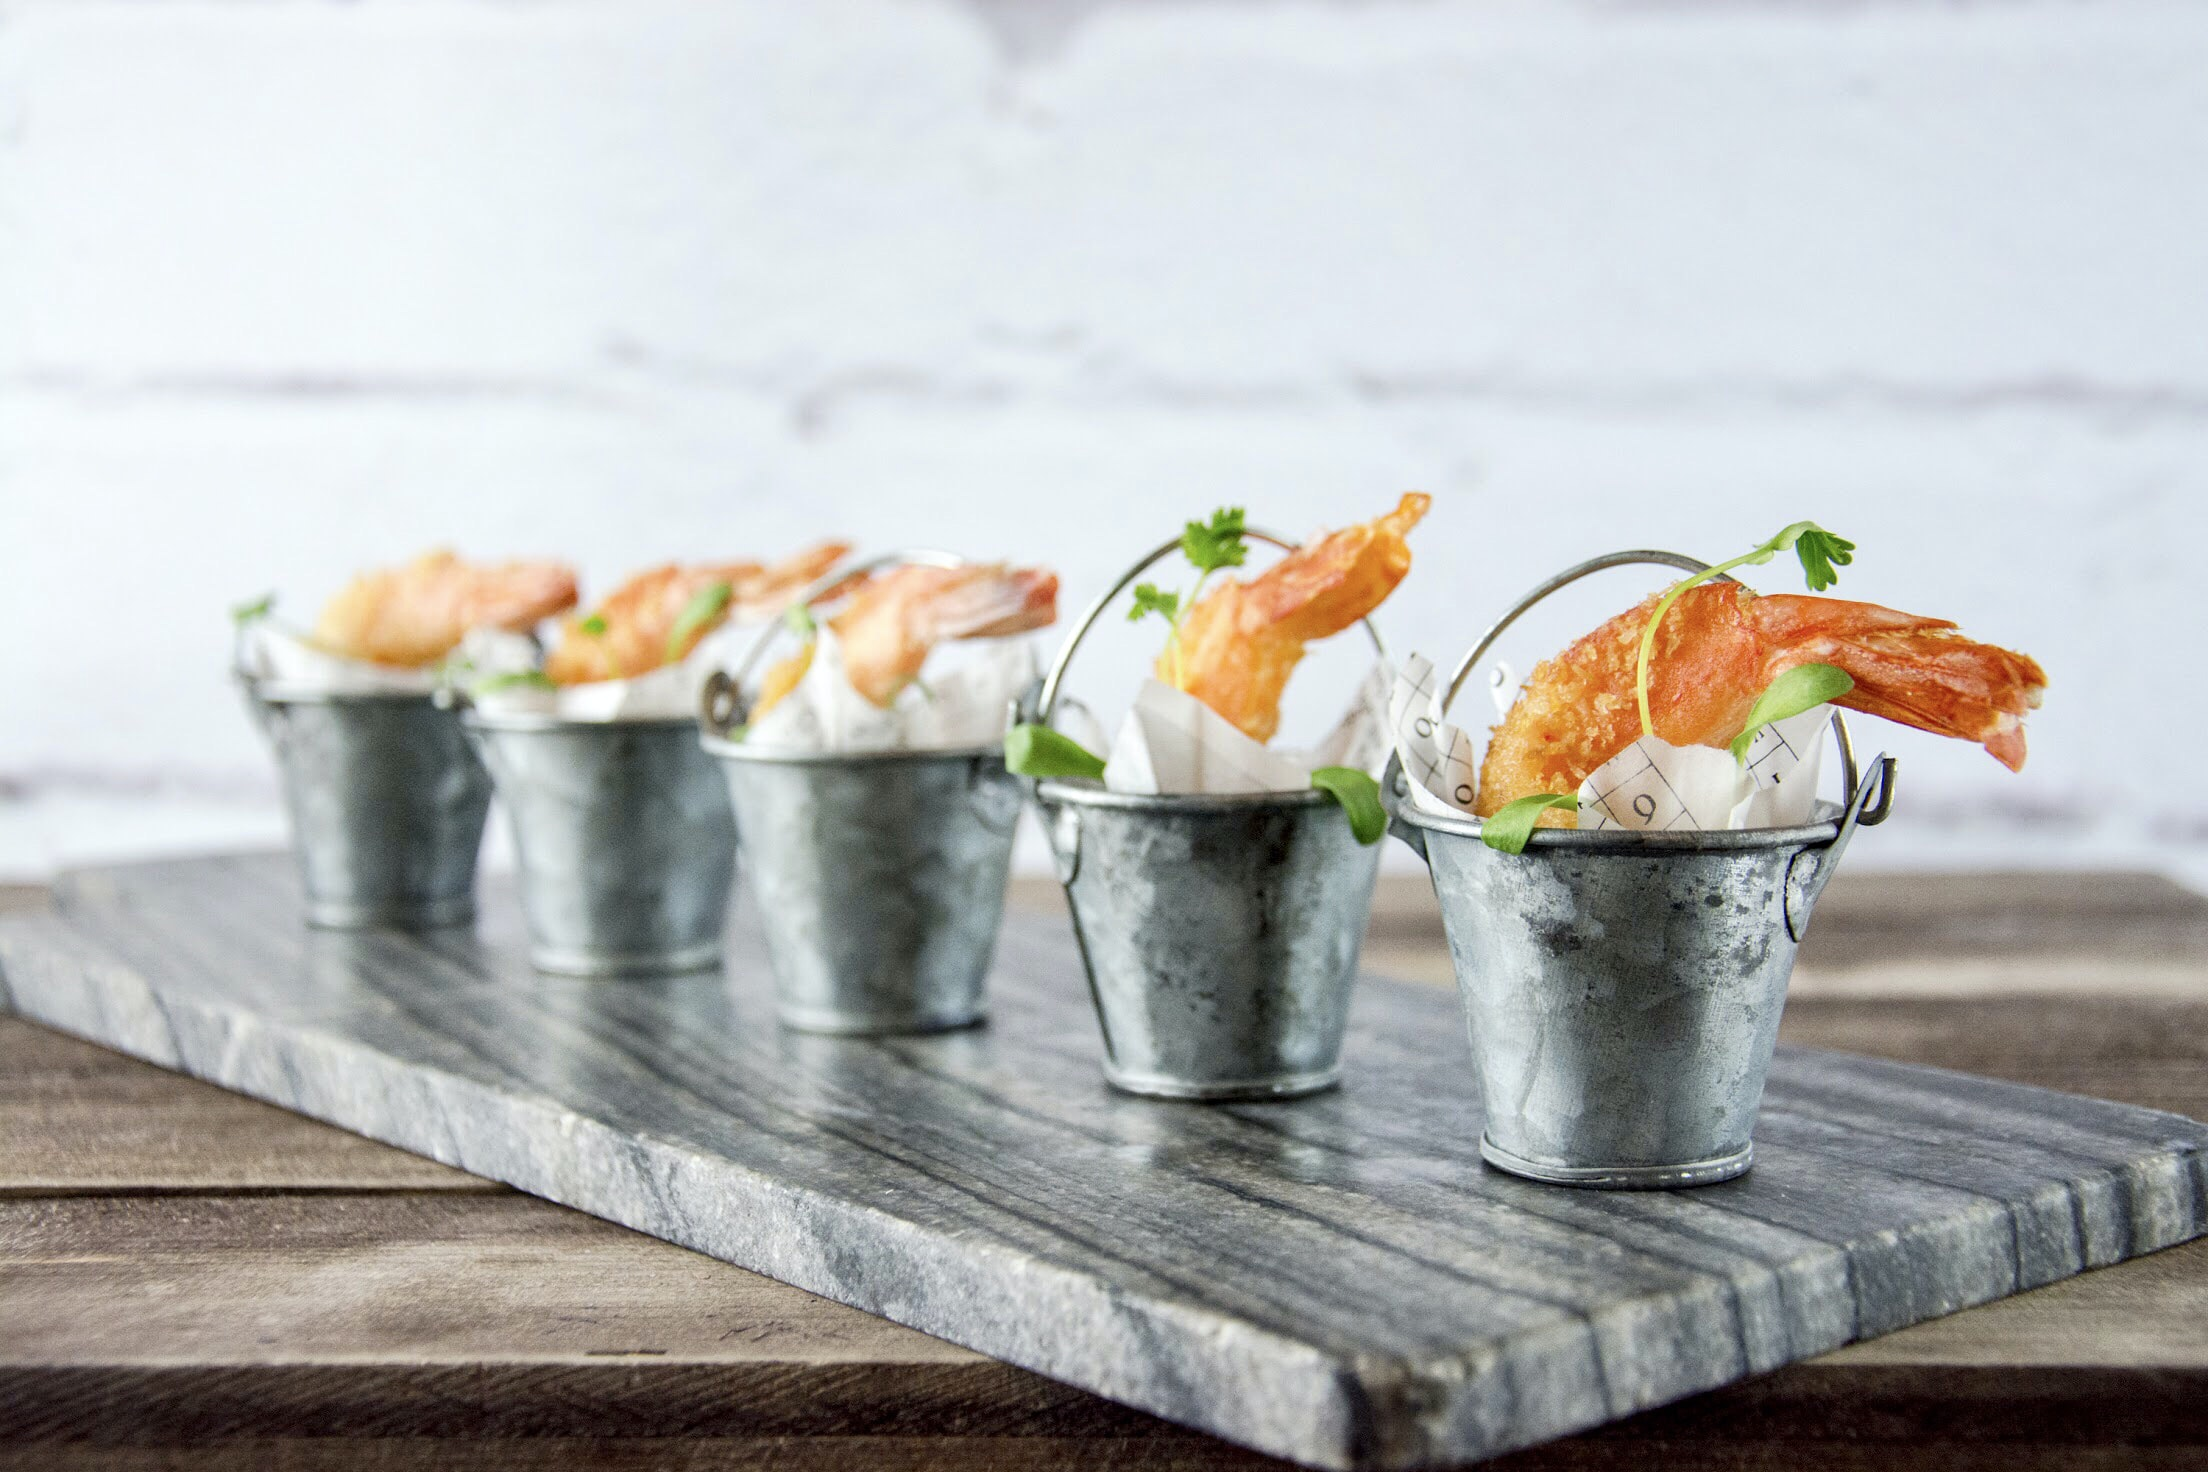 five steel buckets with tempura